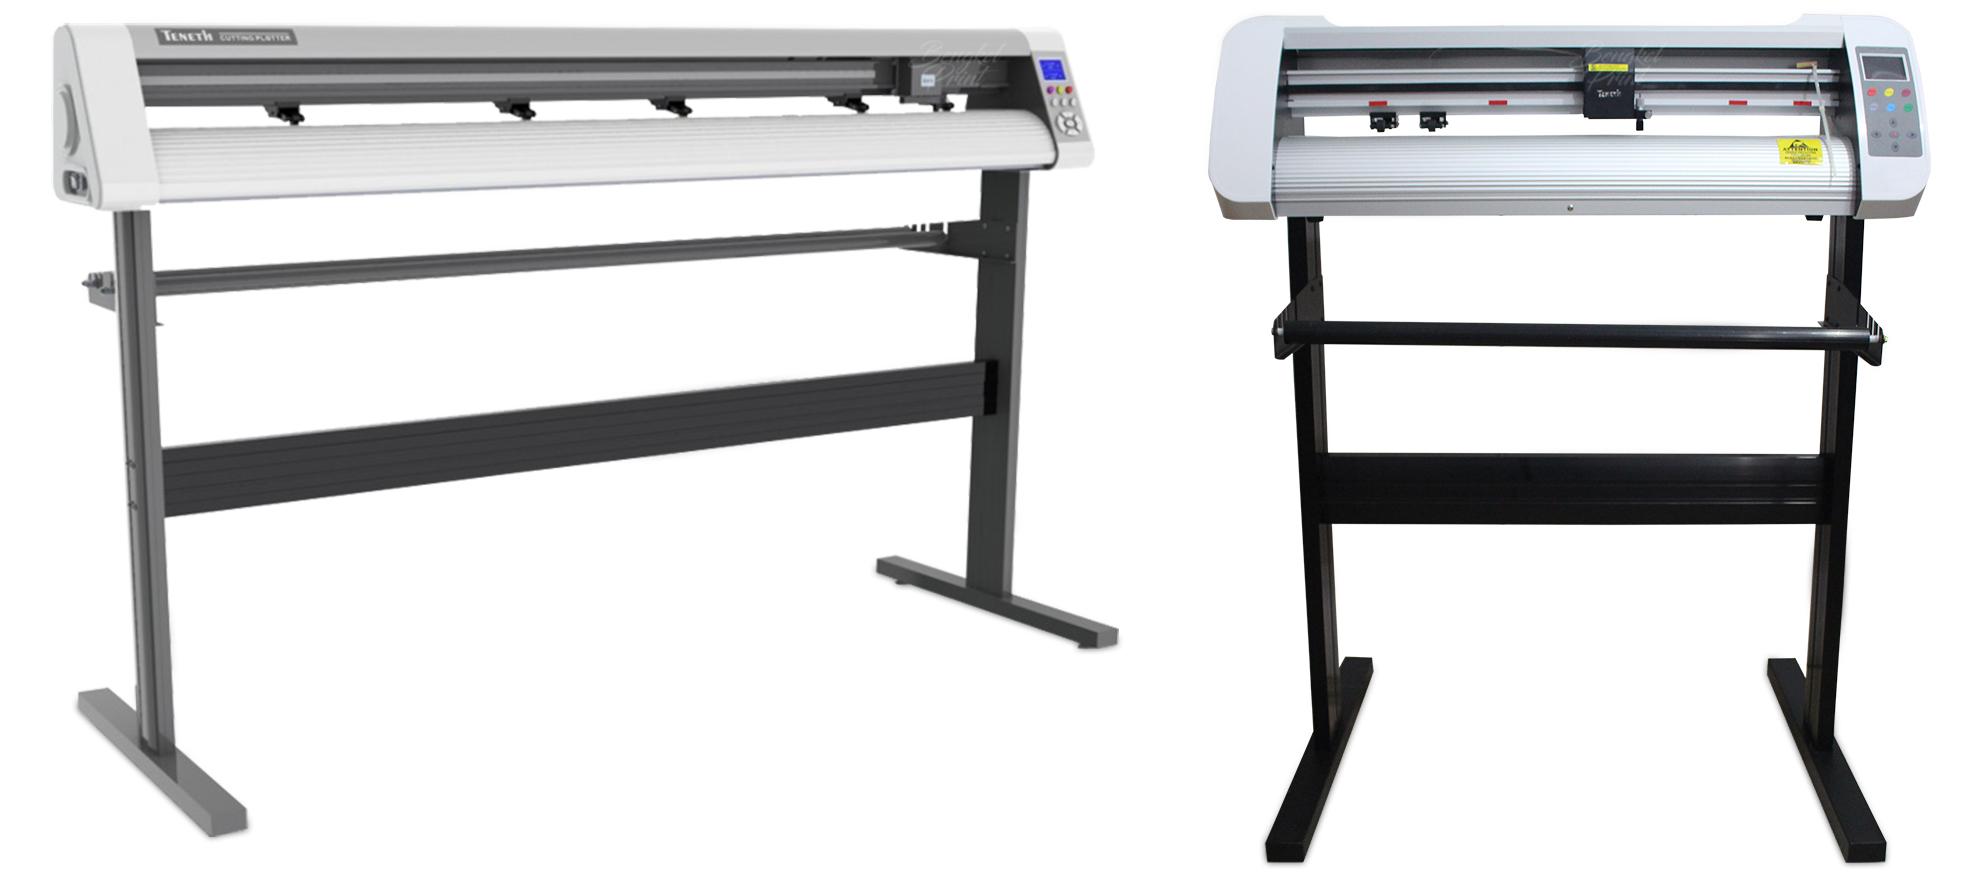 mesin-cutting-sticker-teneth-surabaya-murah